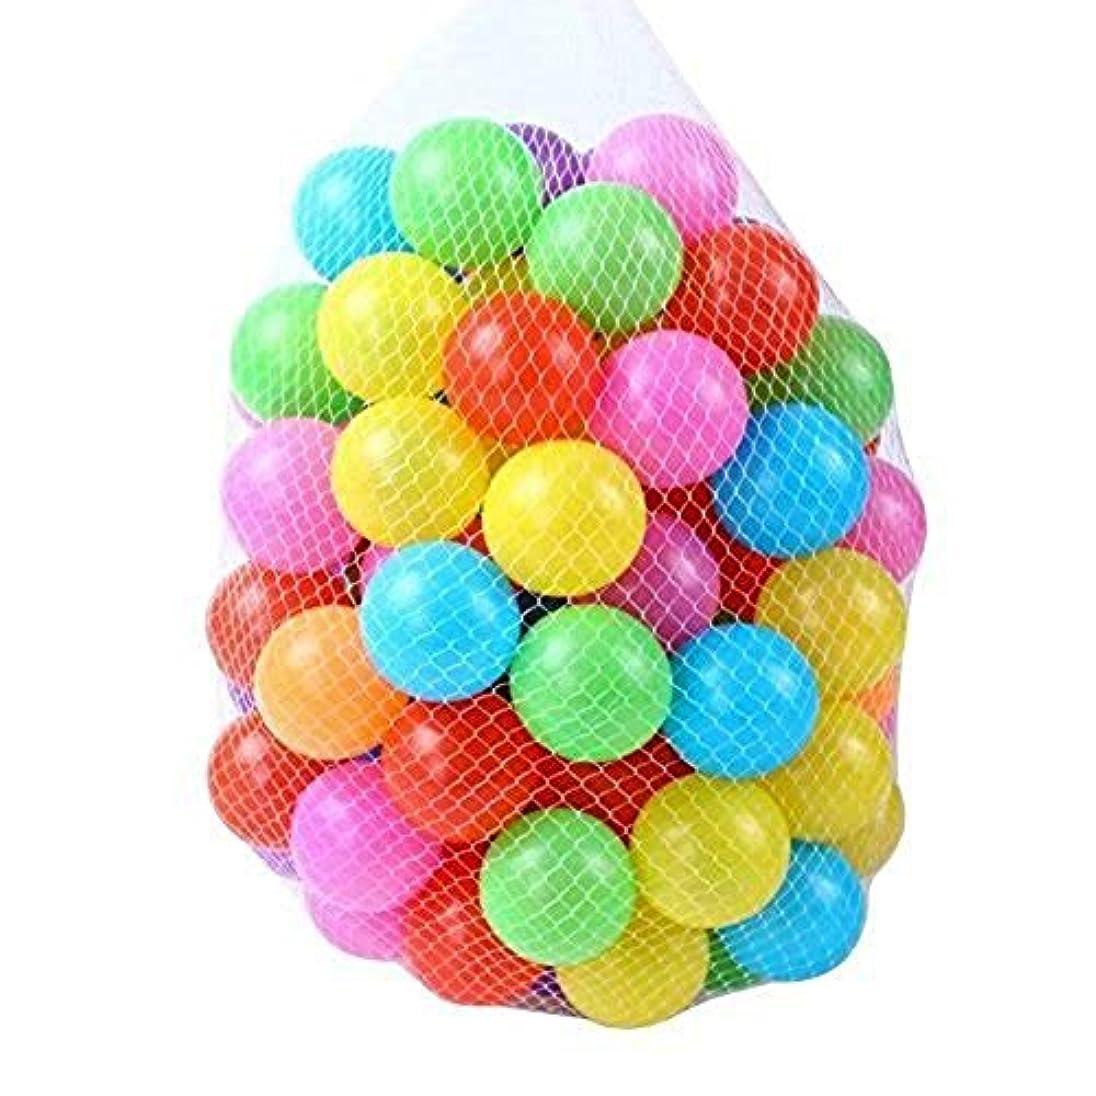 目覚める羊幻滅(スマイル)smile やわらか 大量 カラーボール おもちゃボール プール ボールハウス用に 7色 100個セット